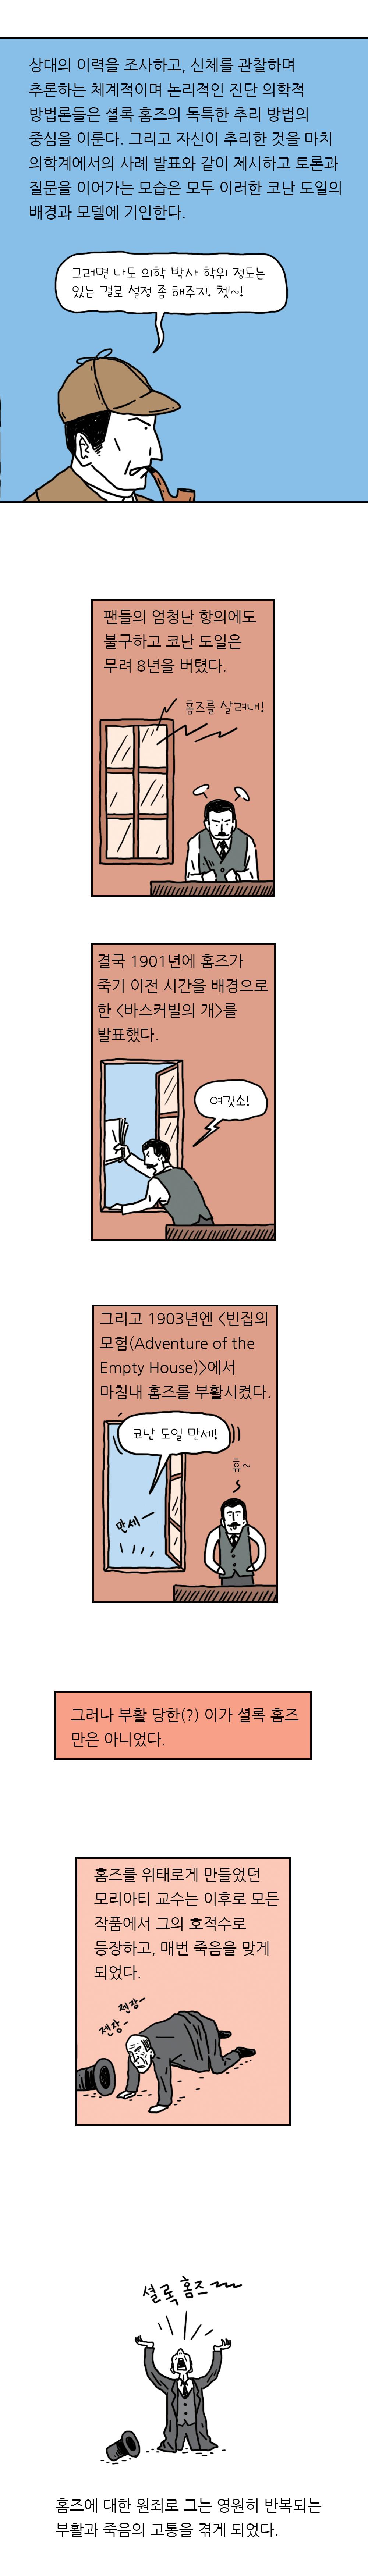 사이언티픽 게이머즈 시즌4 #1 코난 도일의 사정: 셜록 홈즈 8